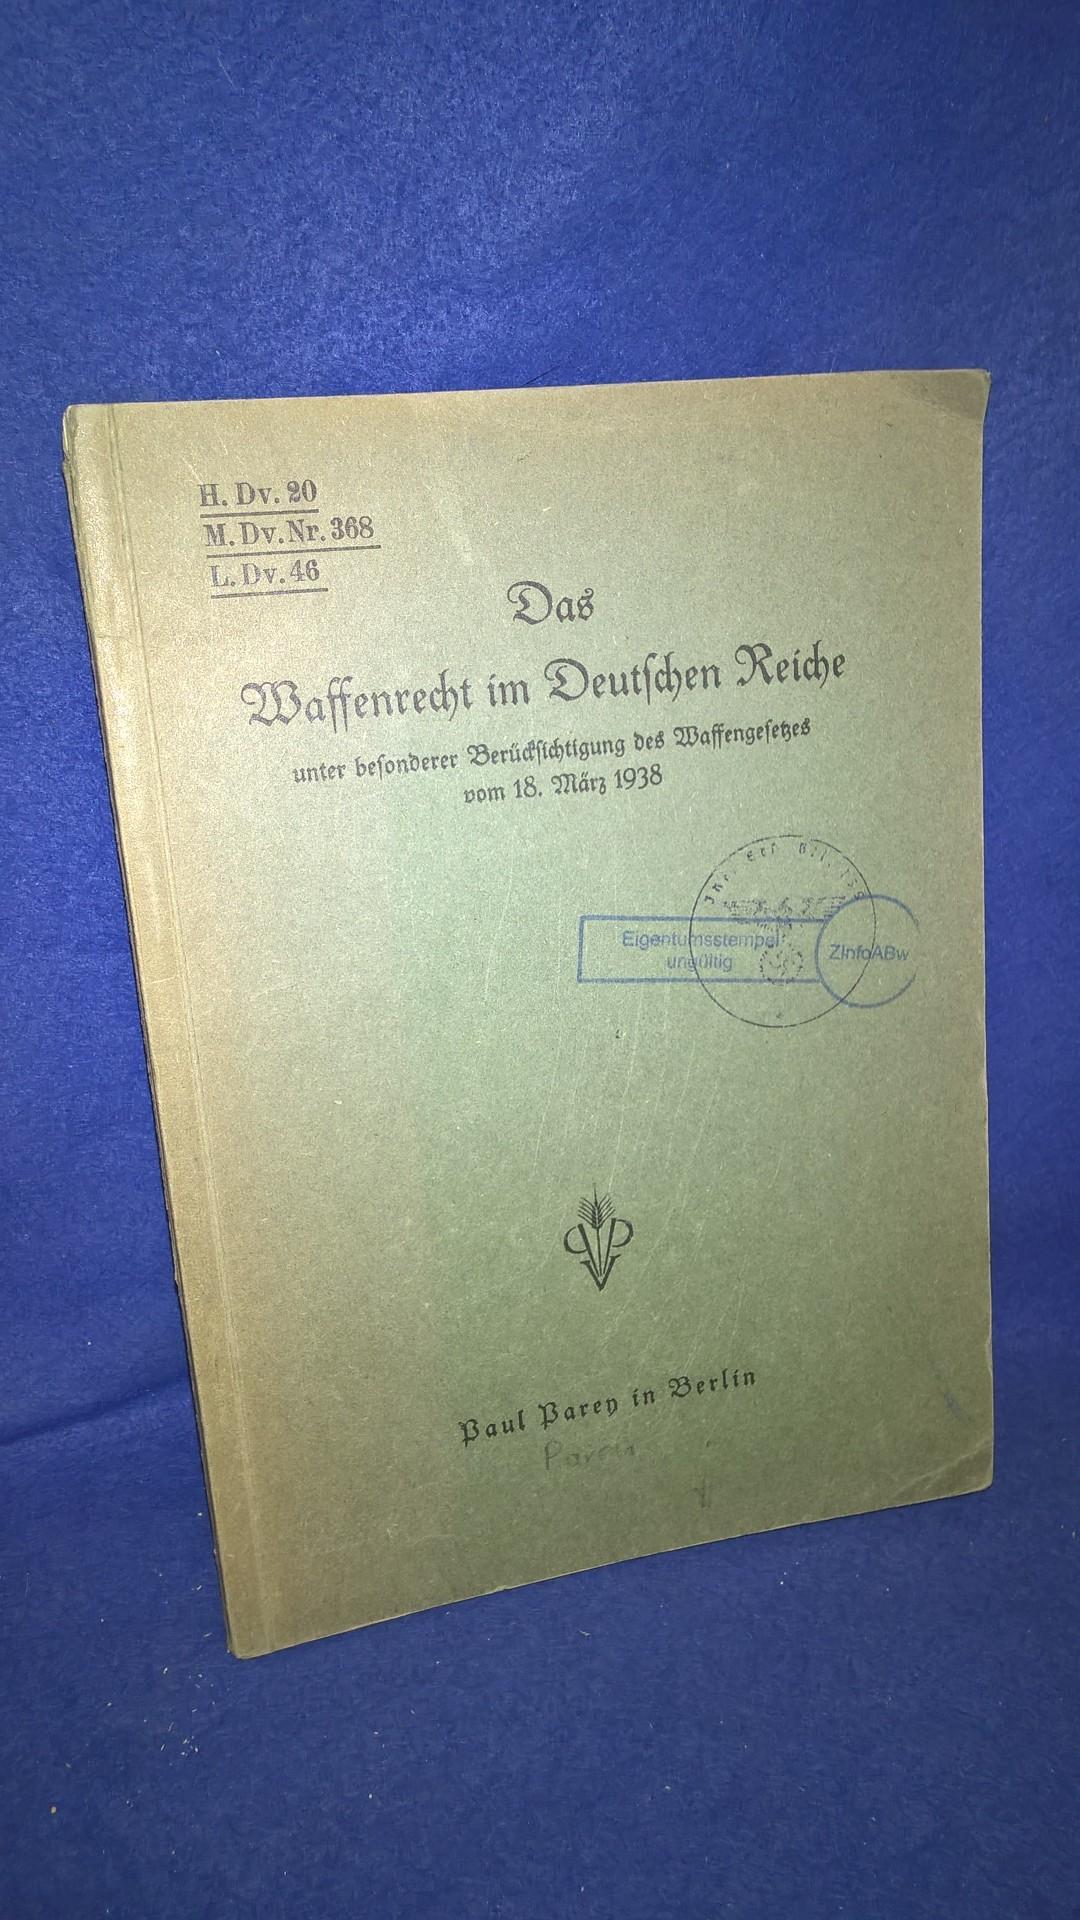 H.Dv. 20/M.Dv.368/L.Dv. 46. Das Waffenrecht im Deutschen Reiche unter besonderer Berücksichtigung des Waffengesetzes vom 18. März 1938.